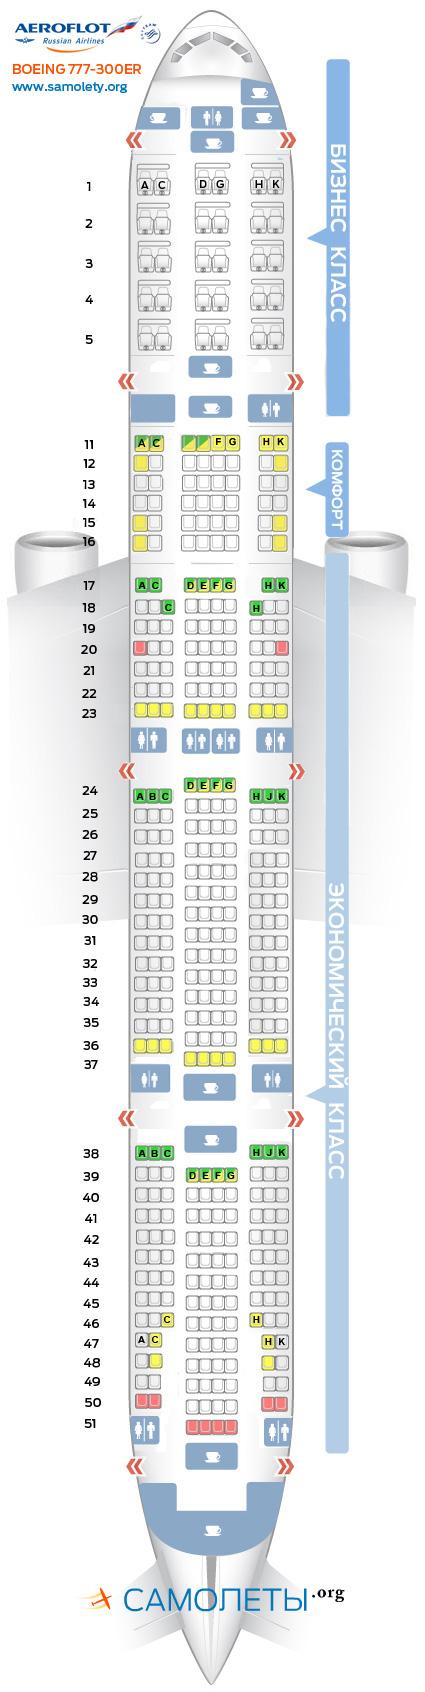 Схема салона Boeing 777-300ER Аэрофлот